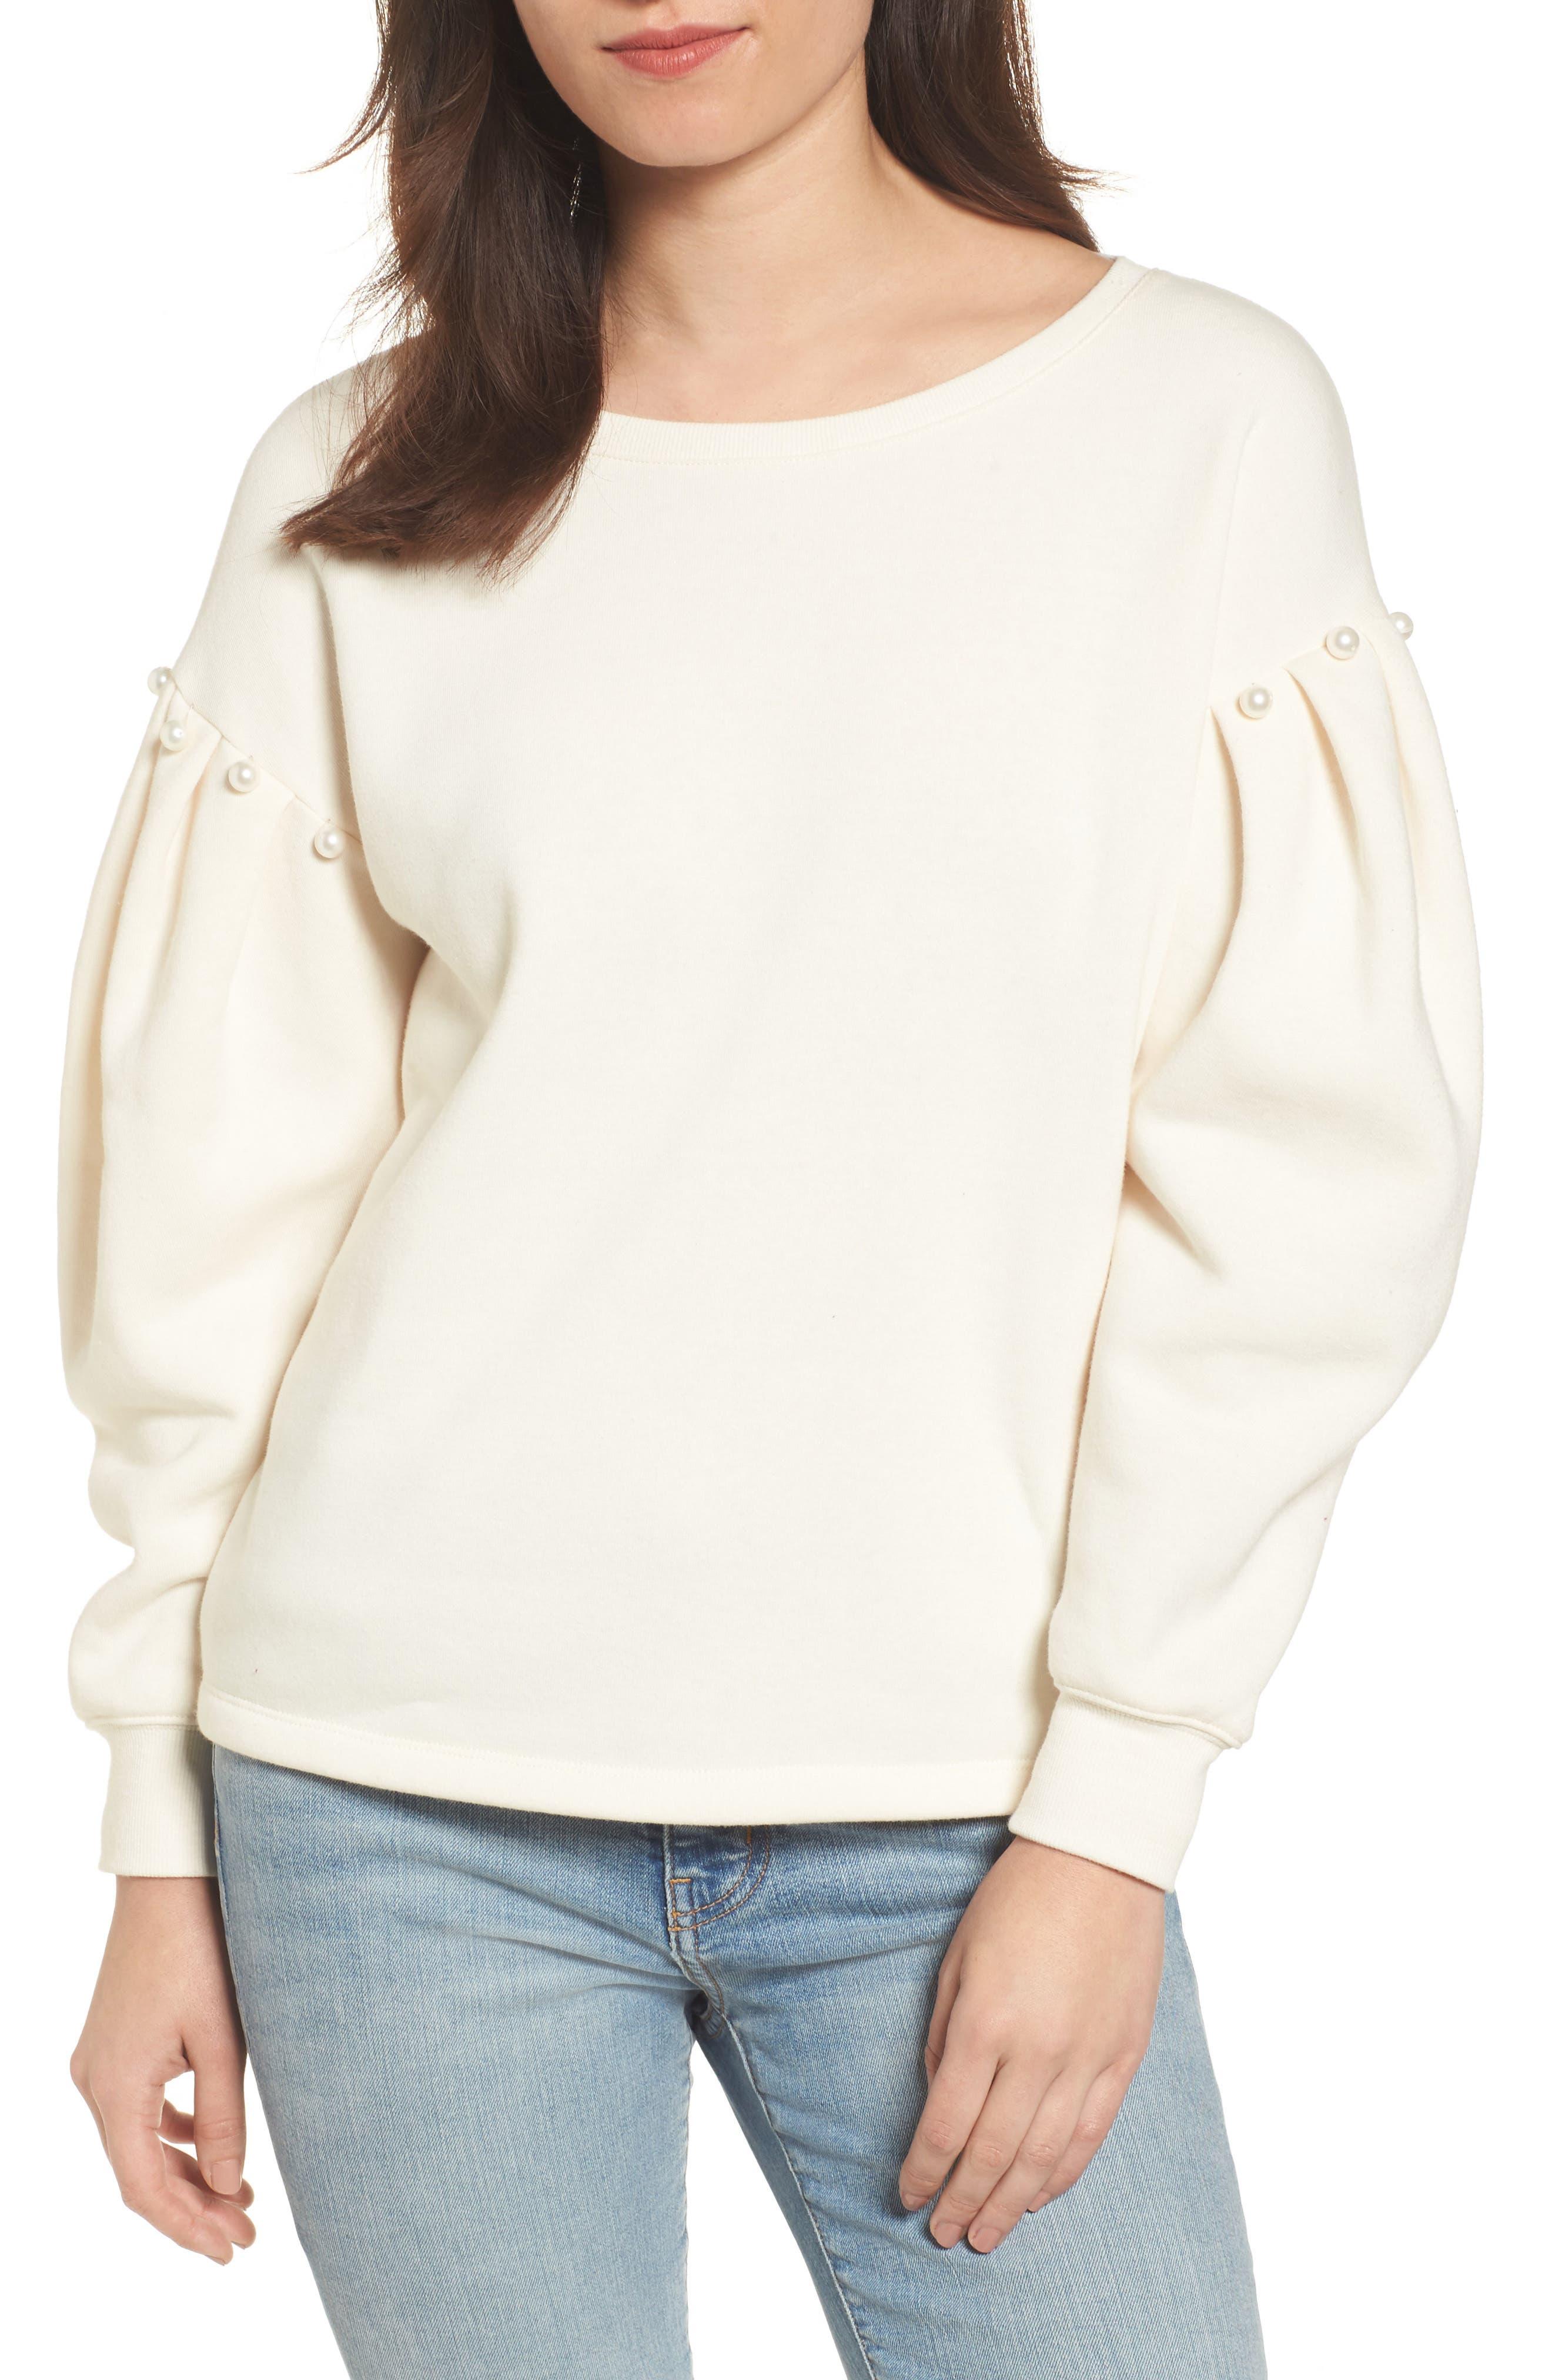 Ellison Sweatshirt,                         Main,                         color, Off White